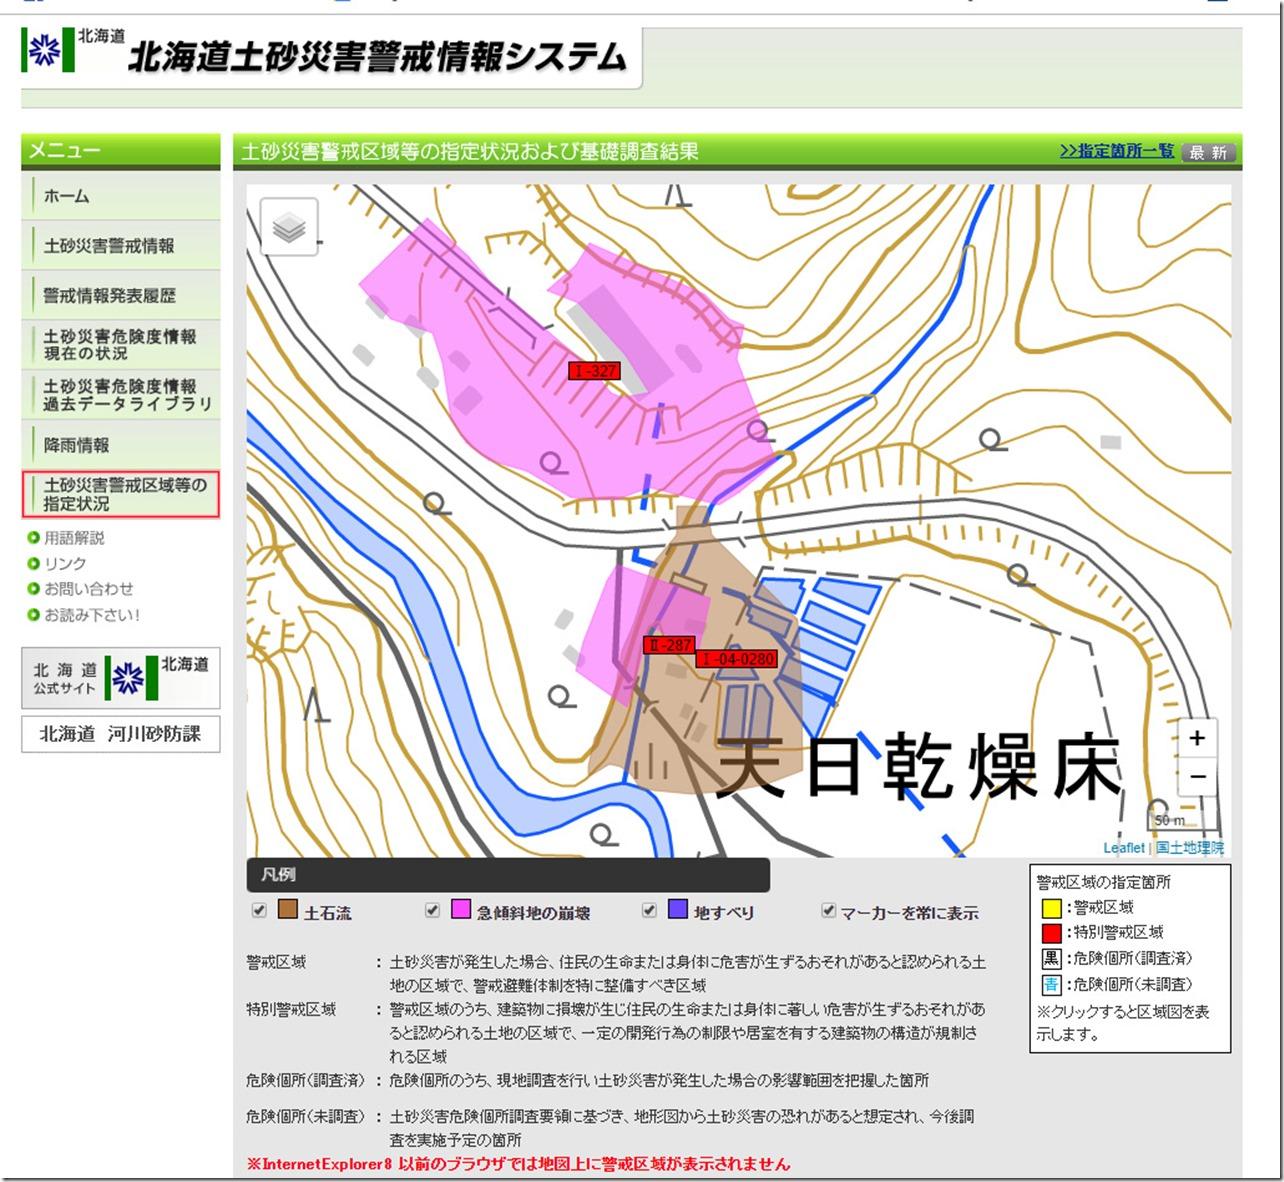 北海道土砂災害警戒情報システム